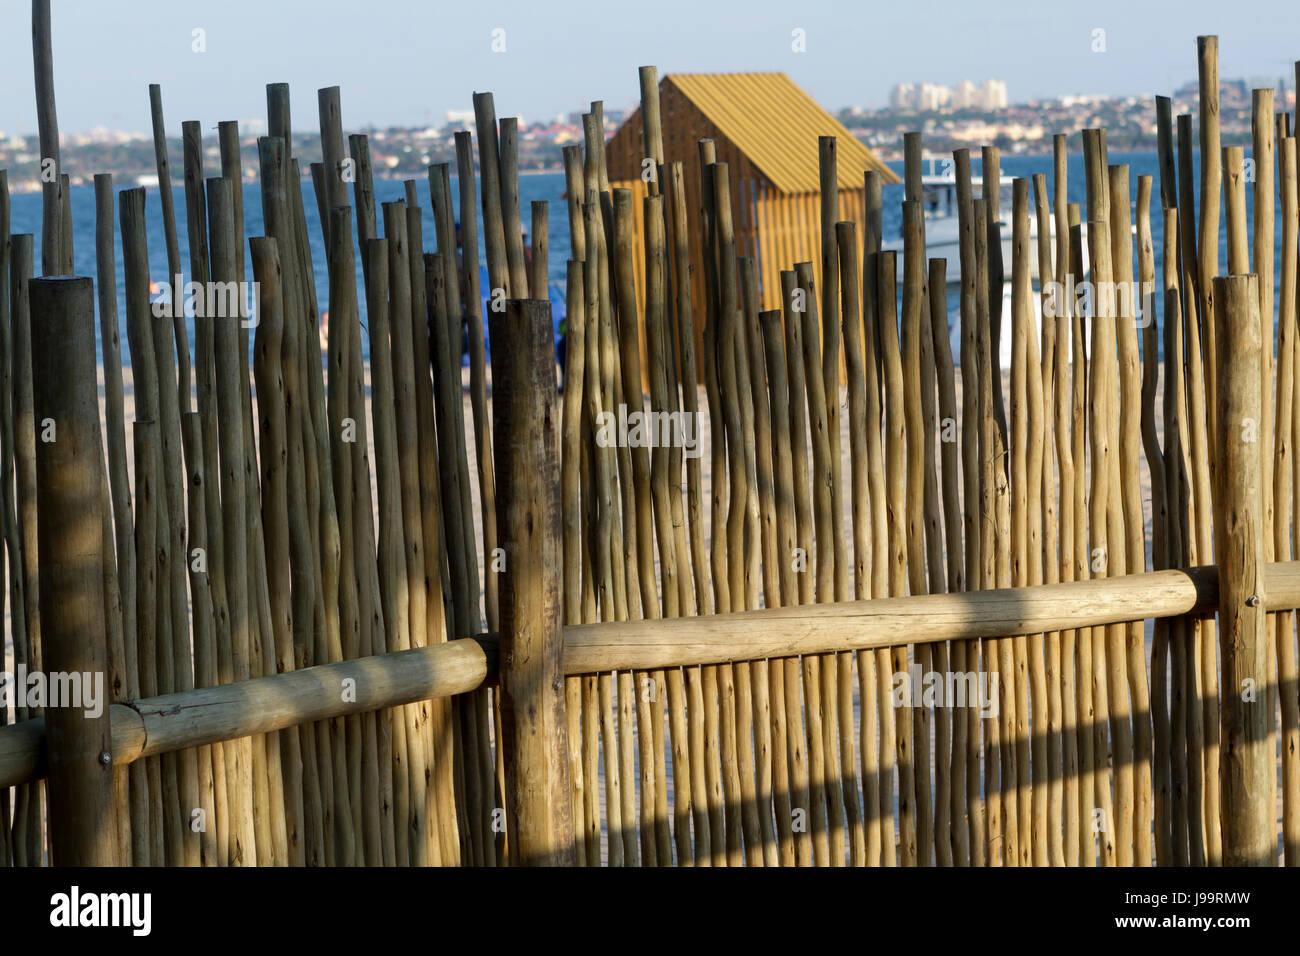 Wood fence - Stock Image